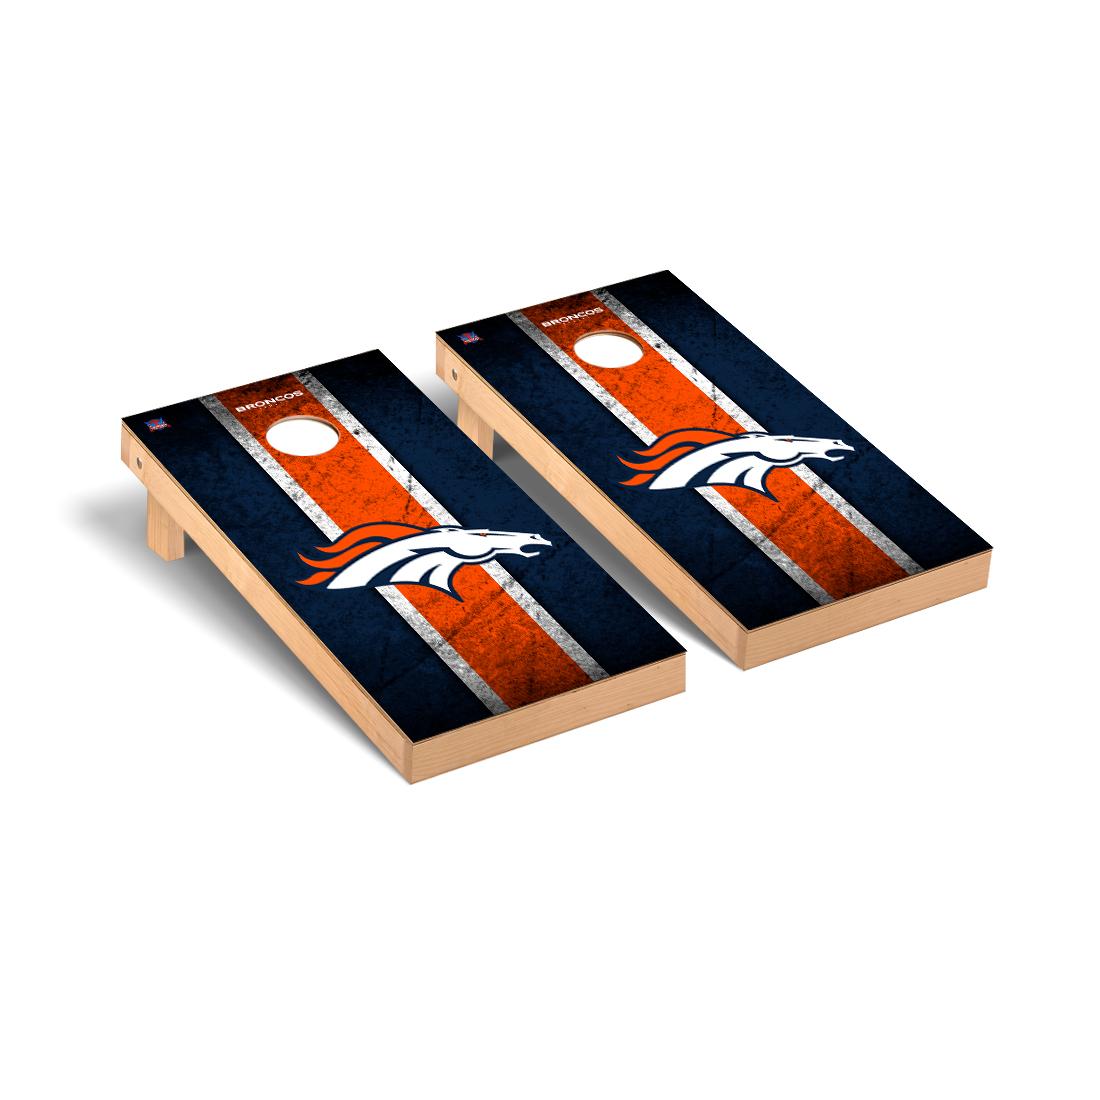 Denver Broncos NFL Football Cornhole Game Set Vintage Version 2